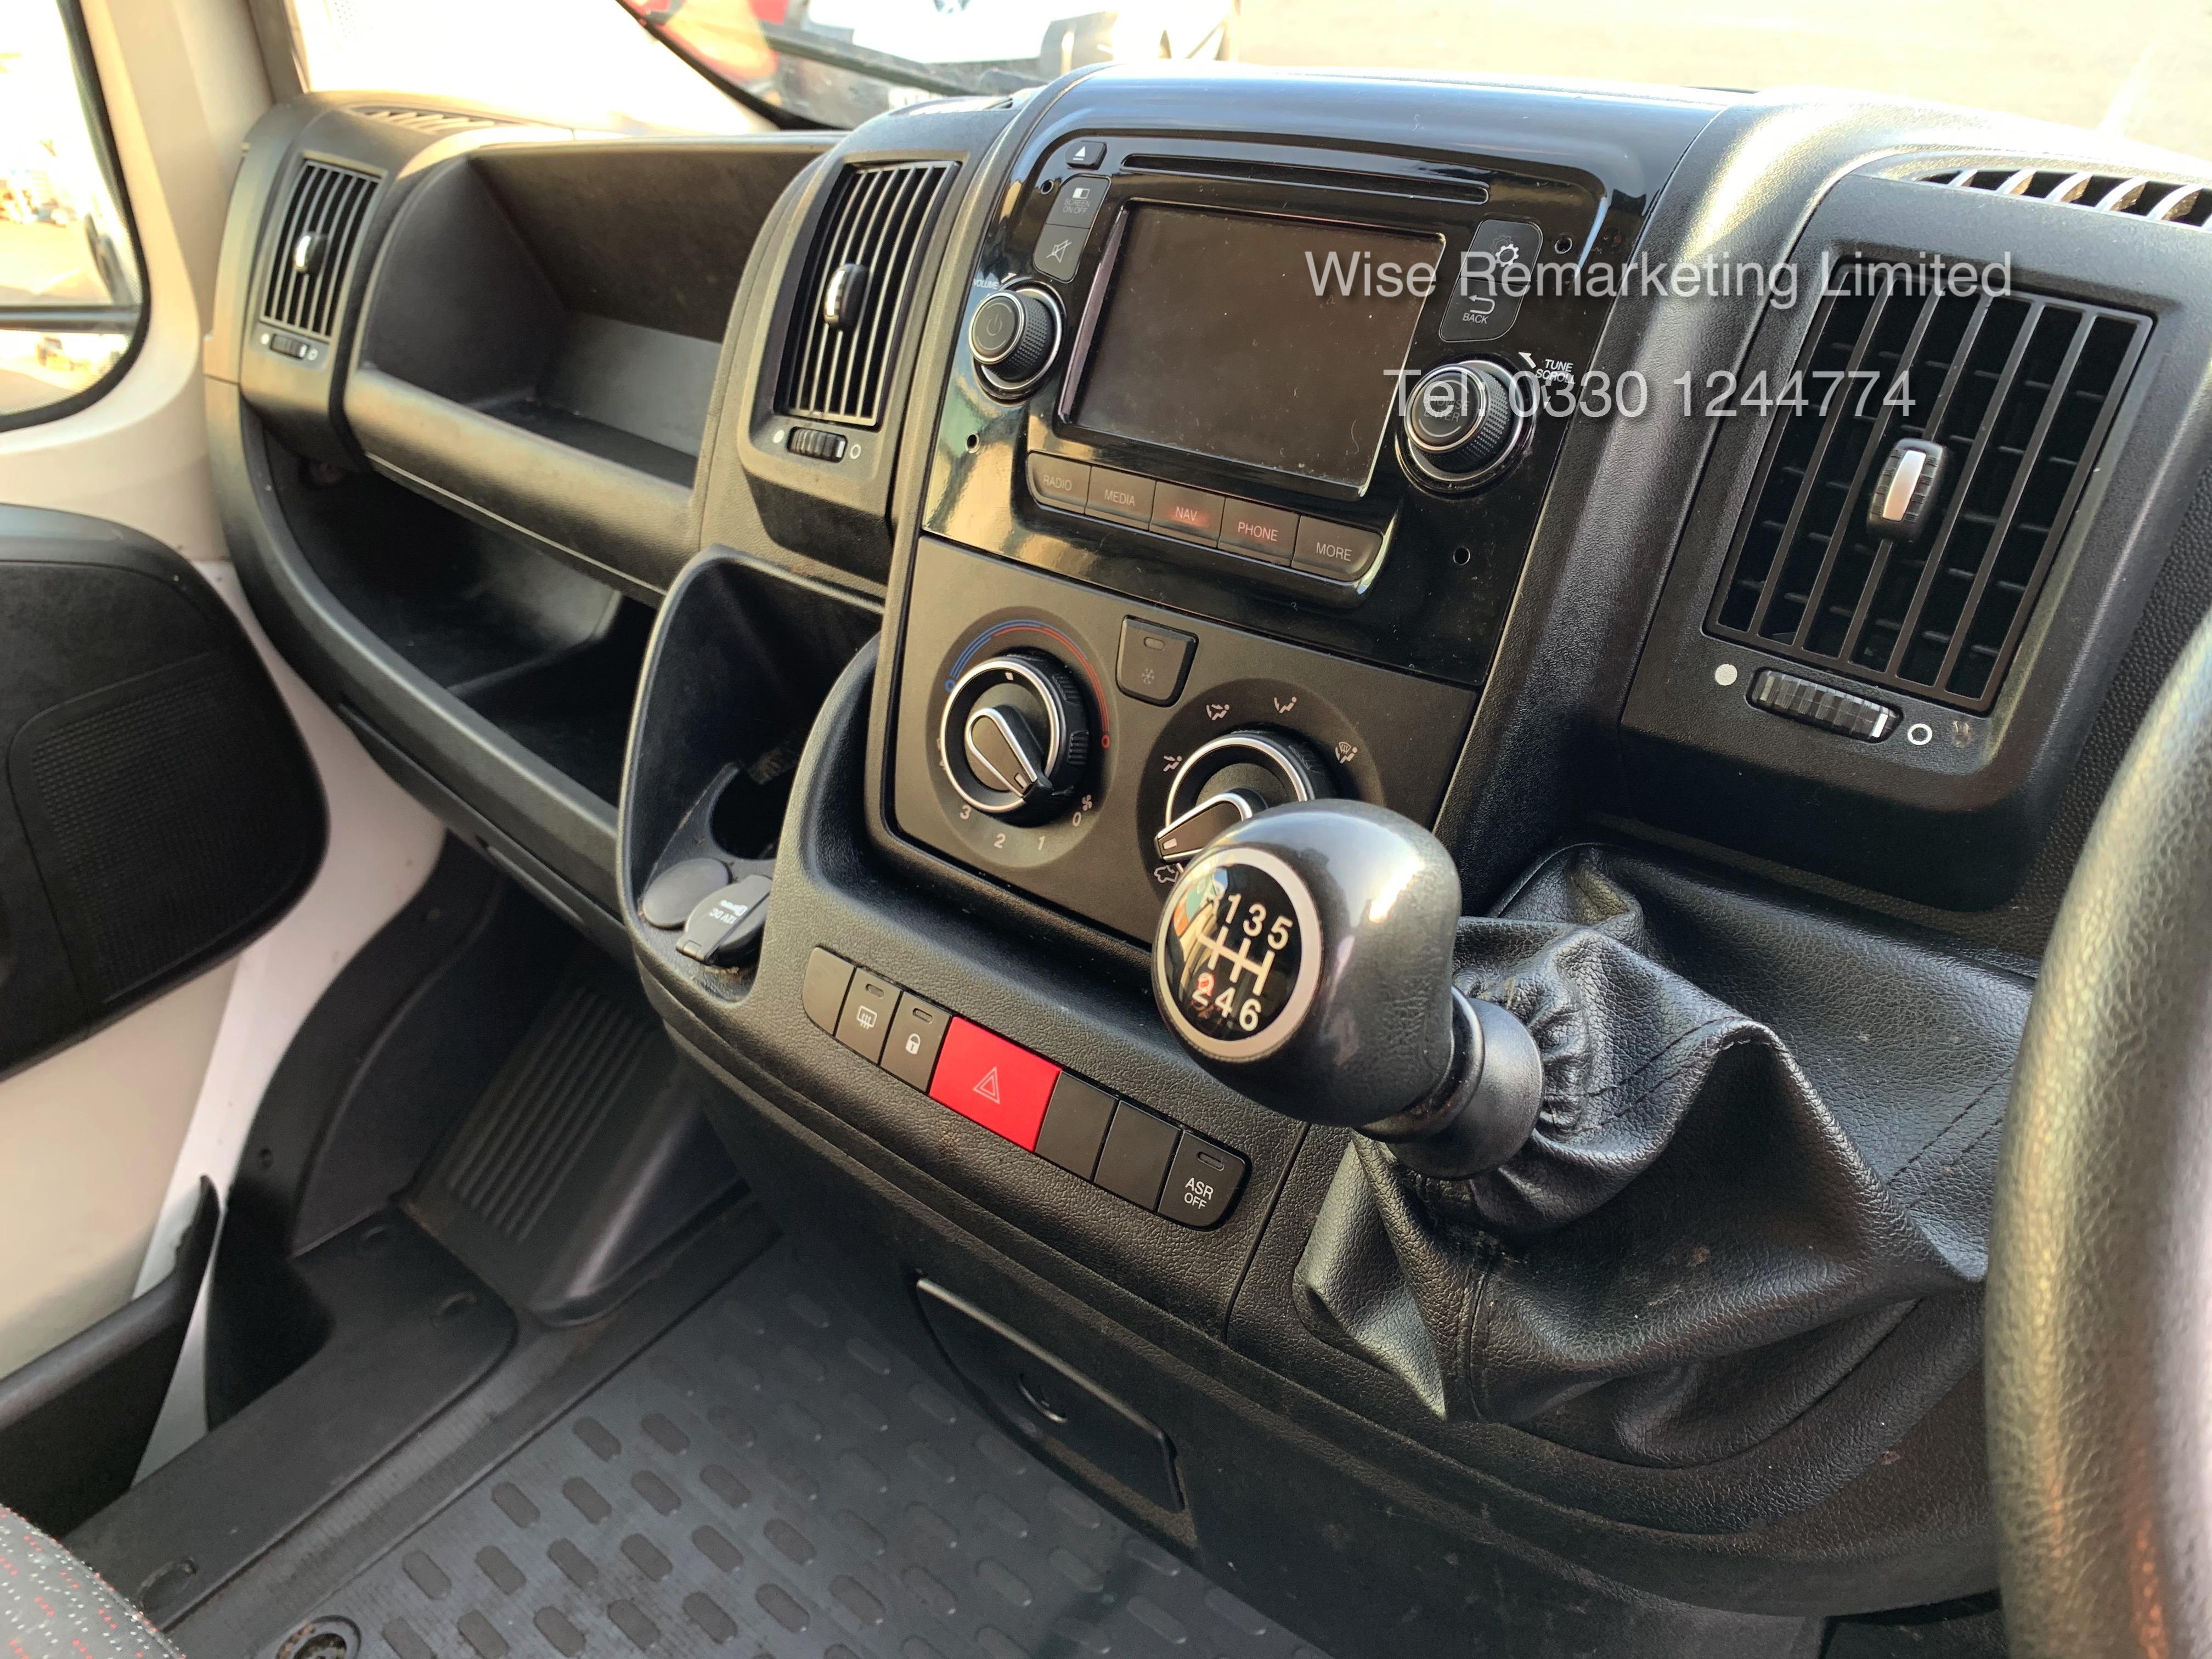 (RESERVE MET) Peugeot Boxer 2.2 HDI 130 BHP LWB High Top Professional Model - 2016 16 Reg - Air Con - Image 13 of 19